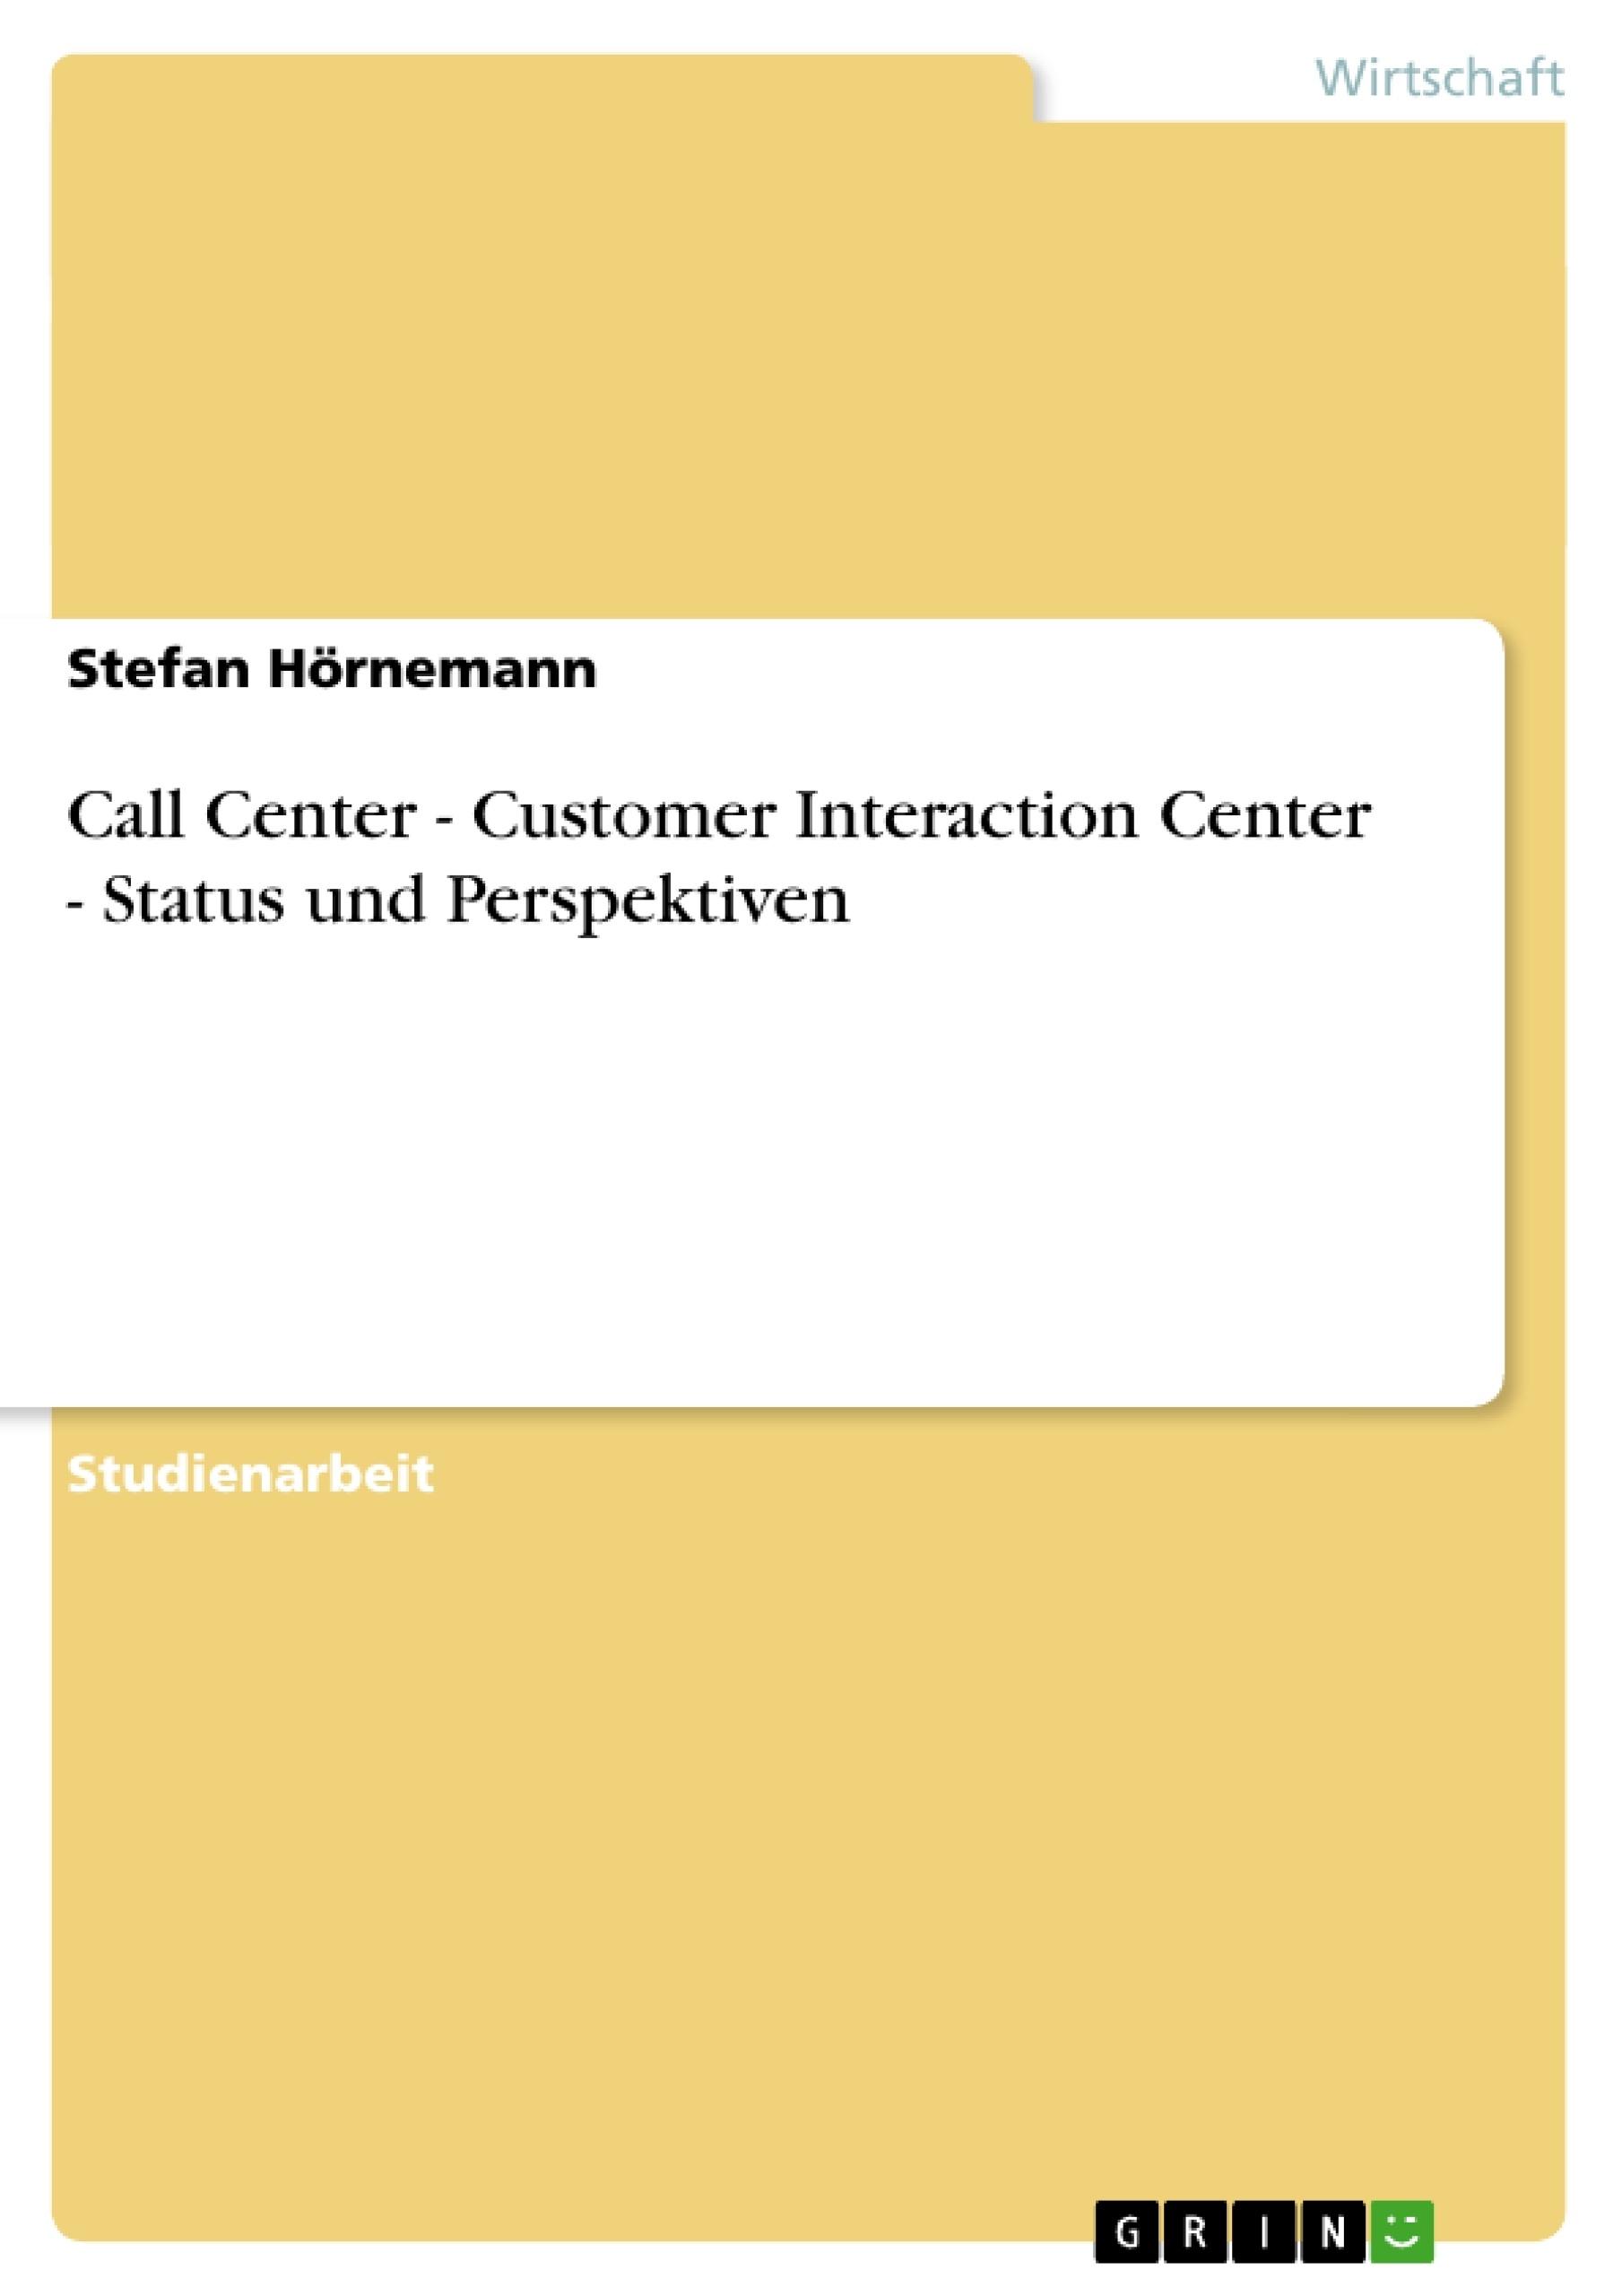 Titel: Call Center - Customer Interaction Center - Status und Perspektiven